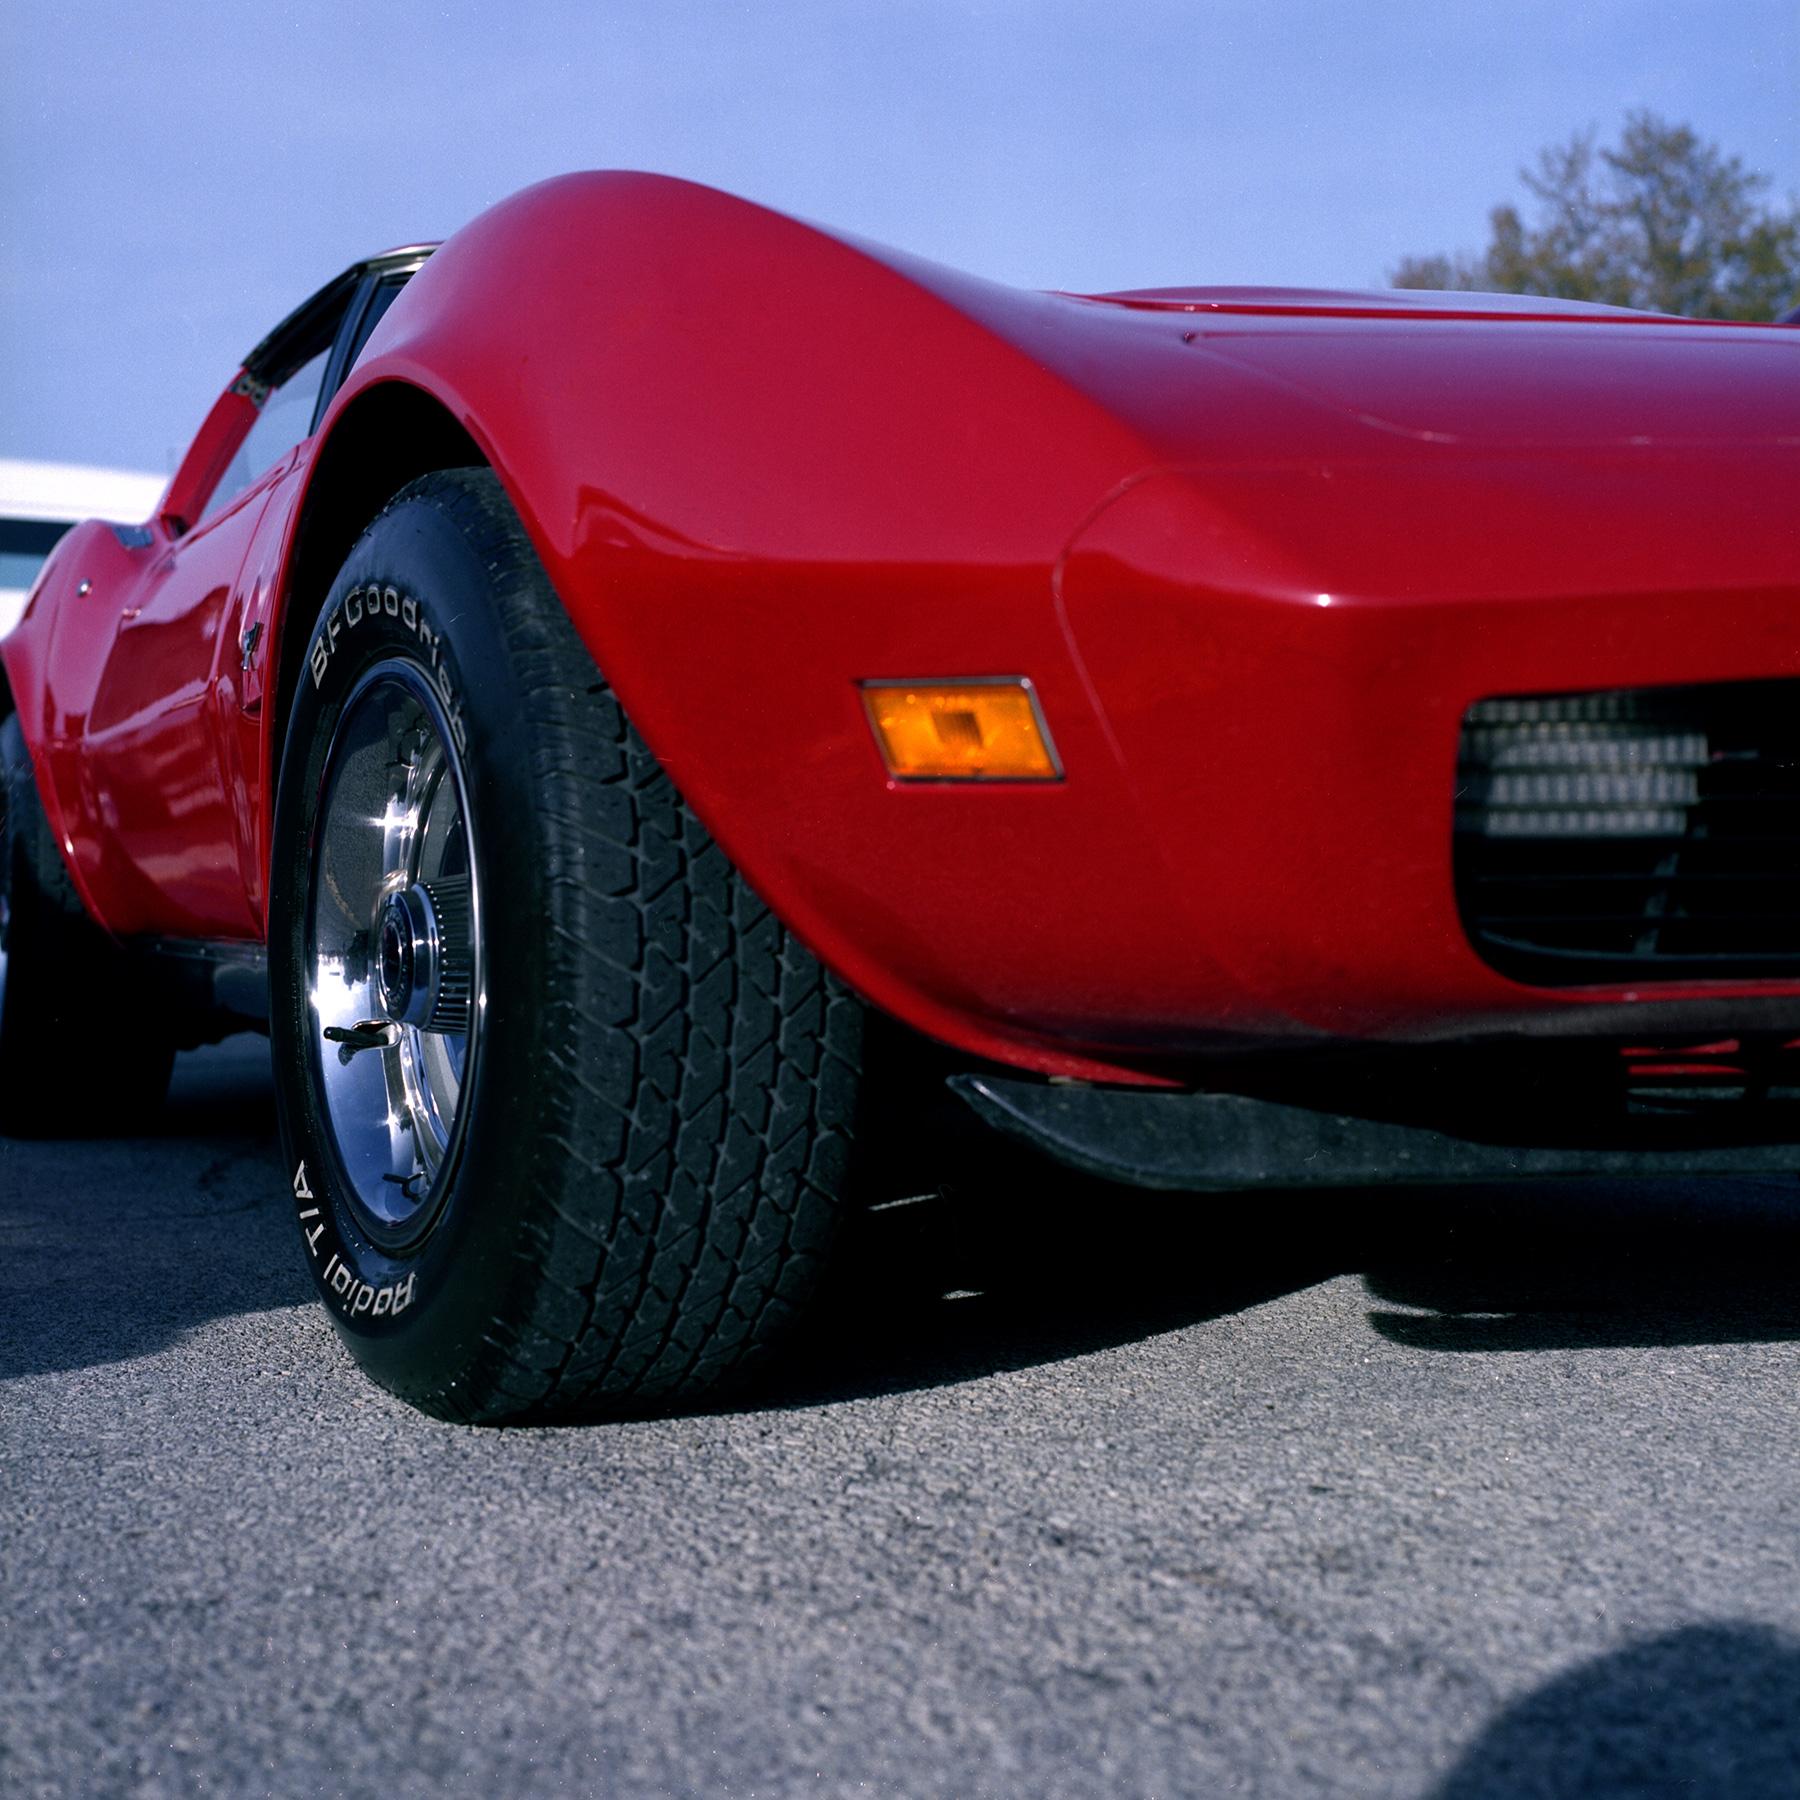 Classic Car Hasselblad 500cm FujiColor 160S 120 film